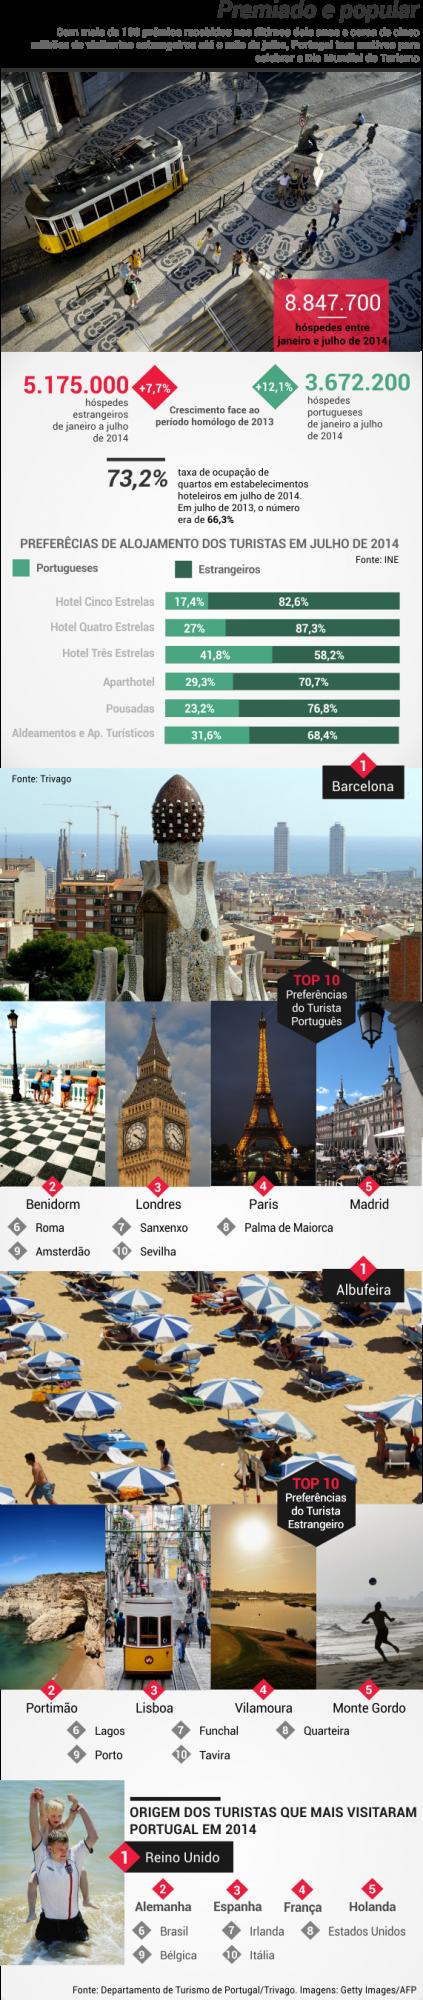 infografia_dia_turismo04